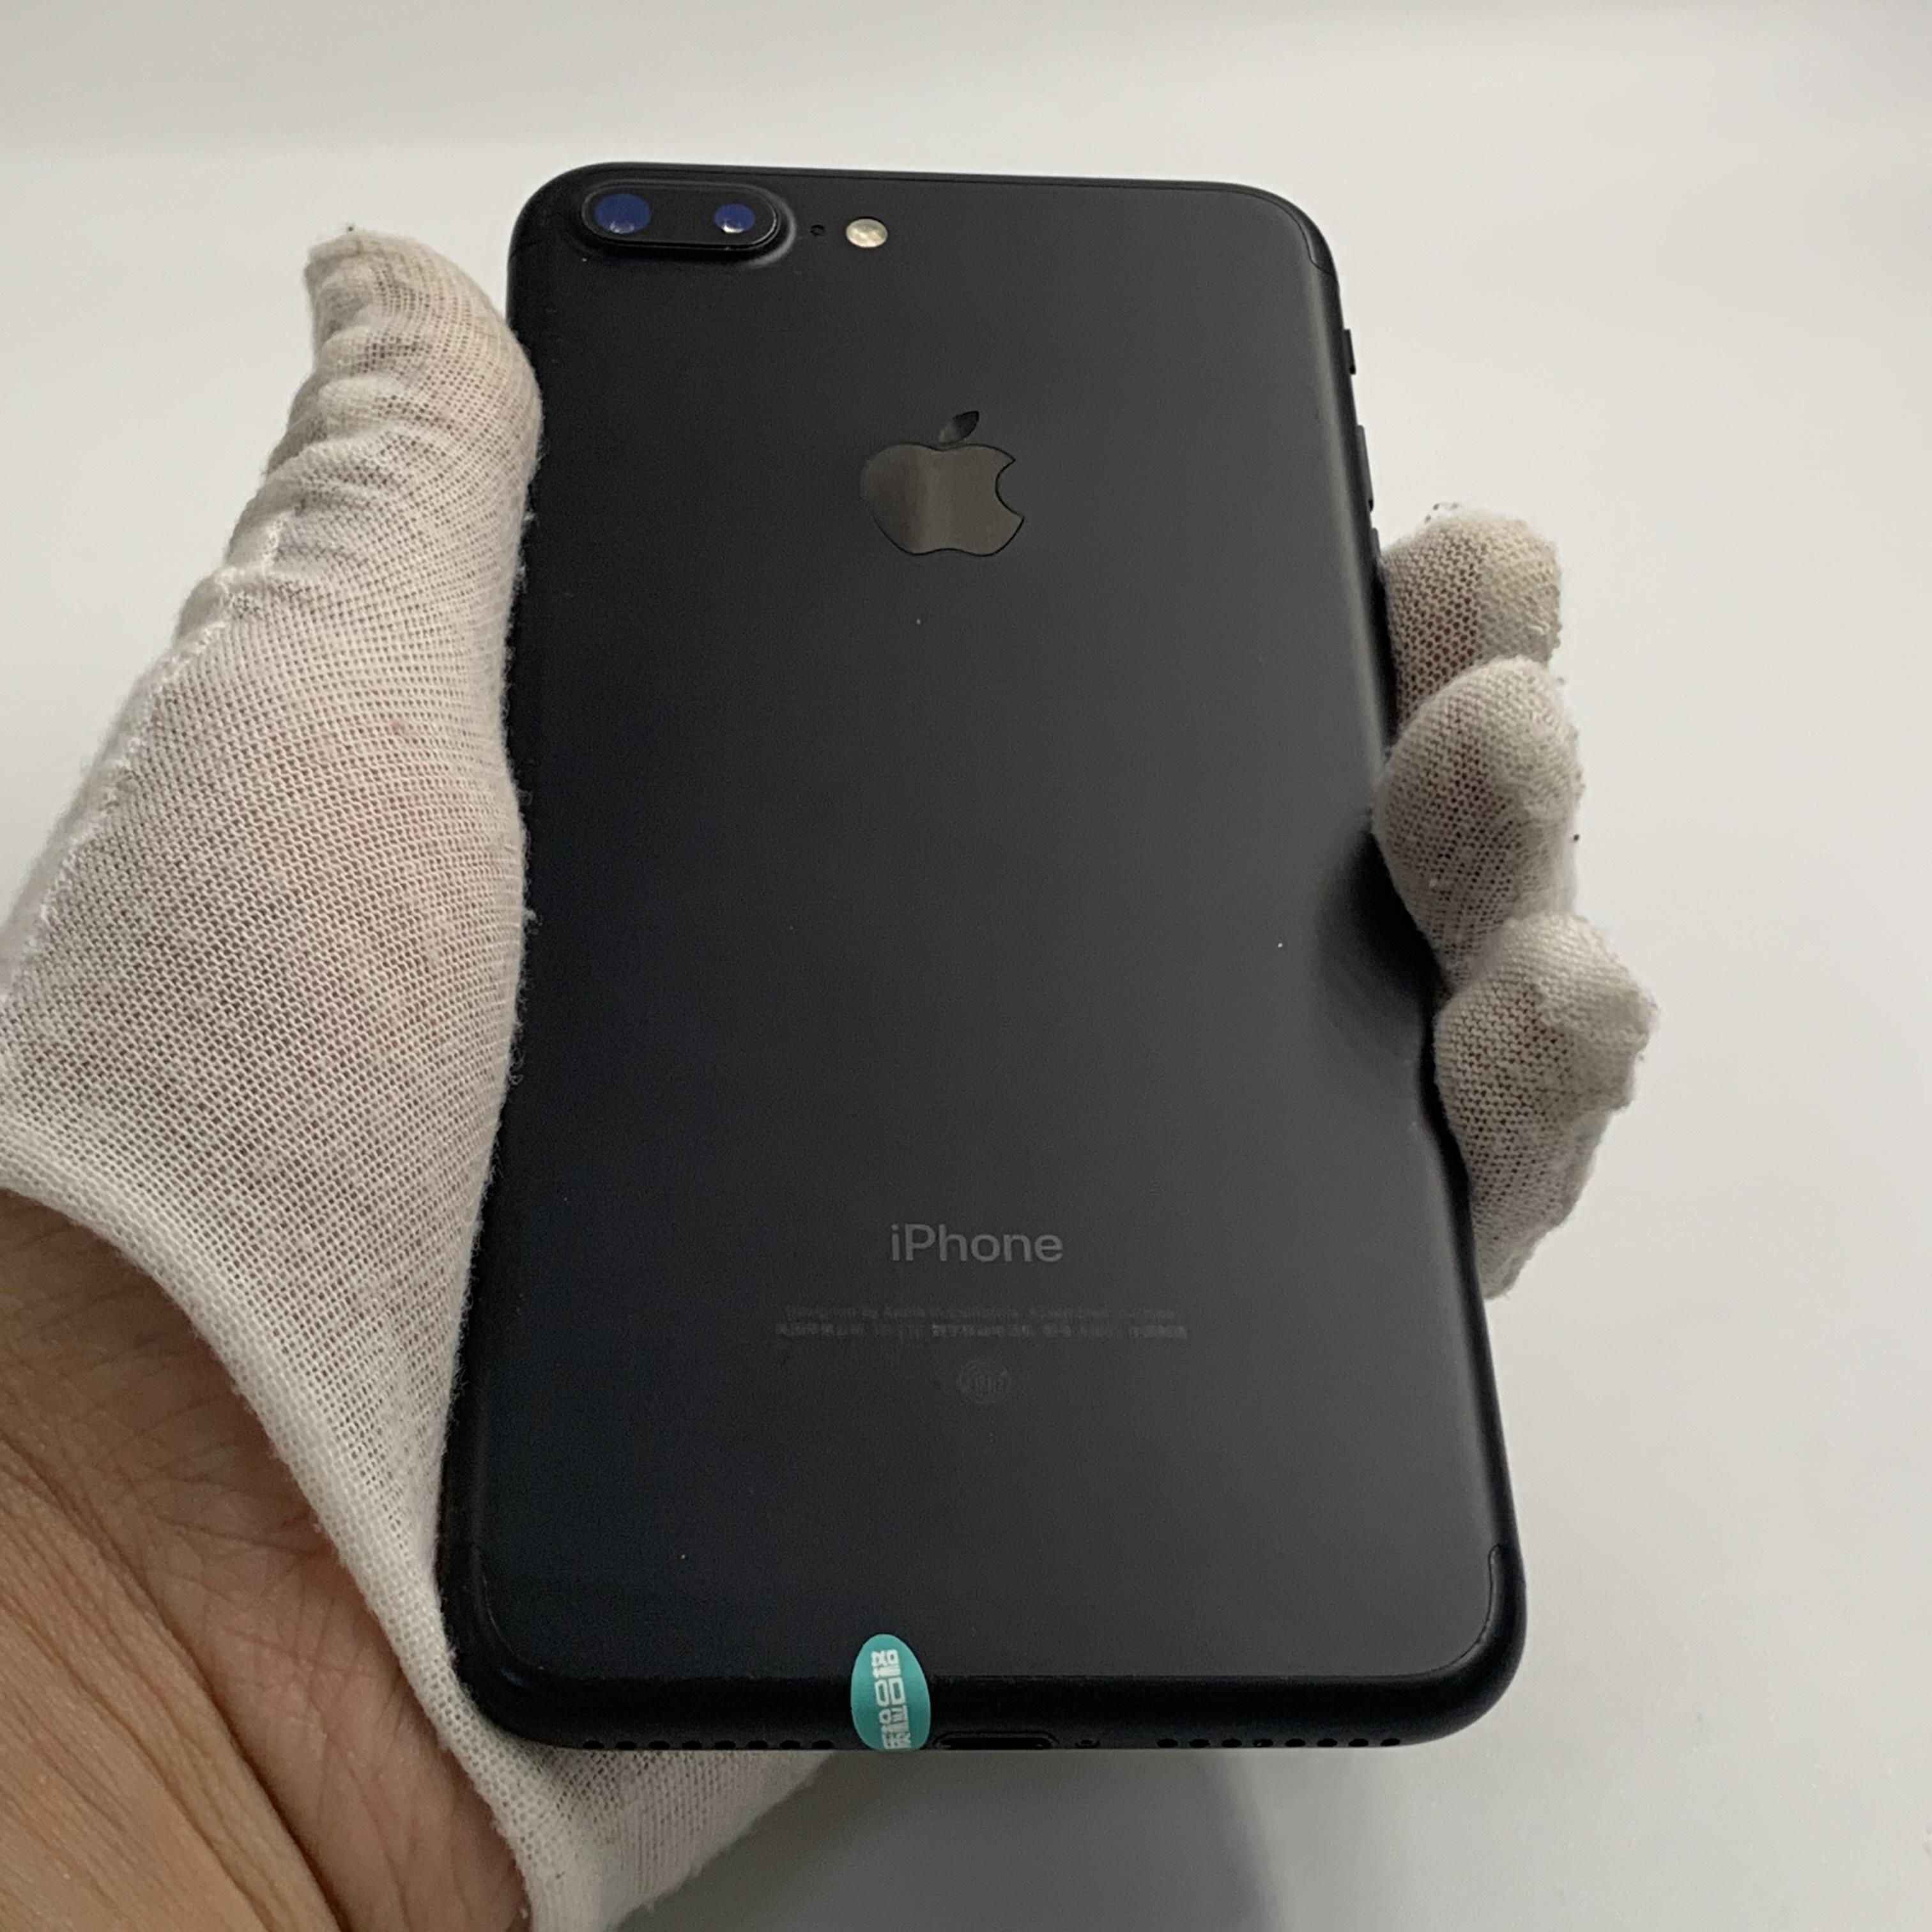 苹果【iPhone 7 Plus】4G全网通 黑色 32G 国行 95新